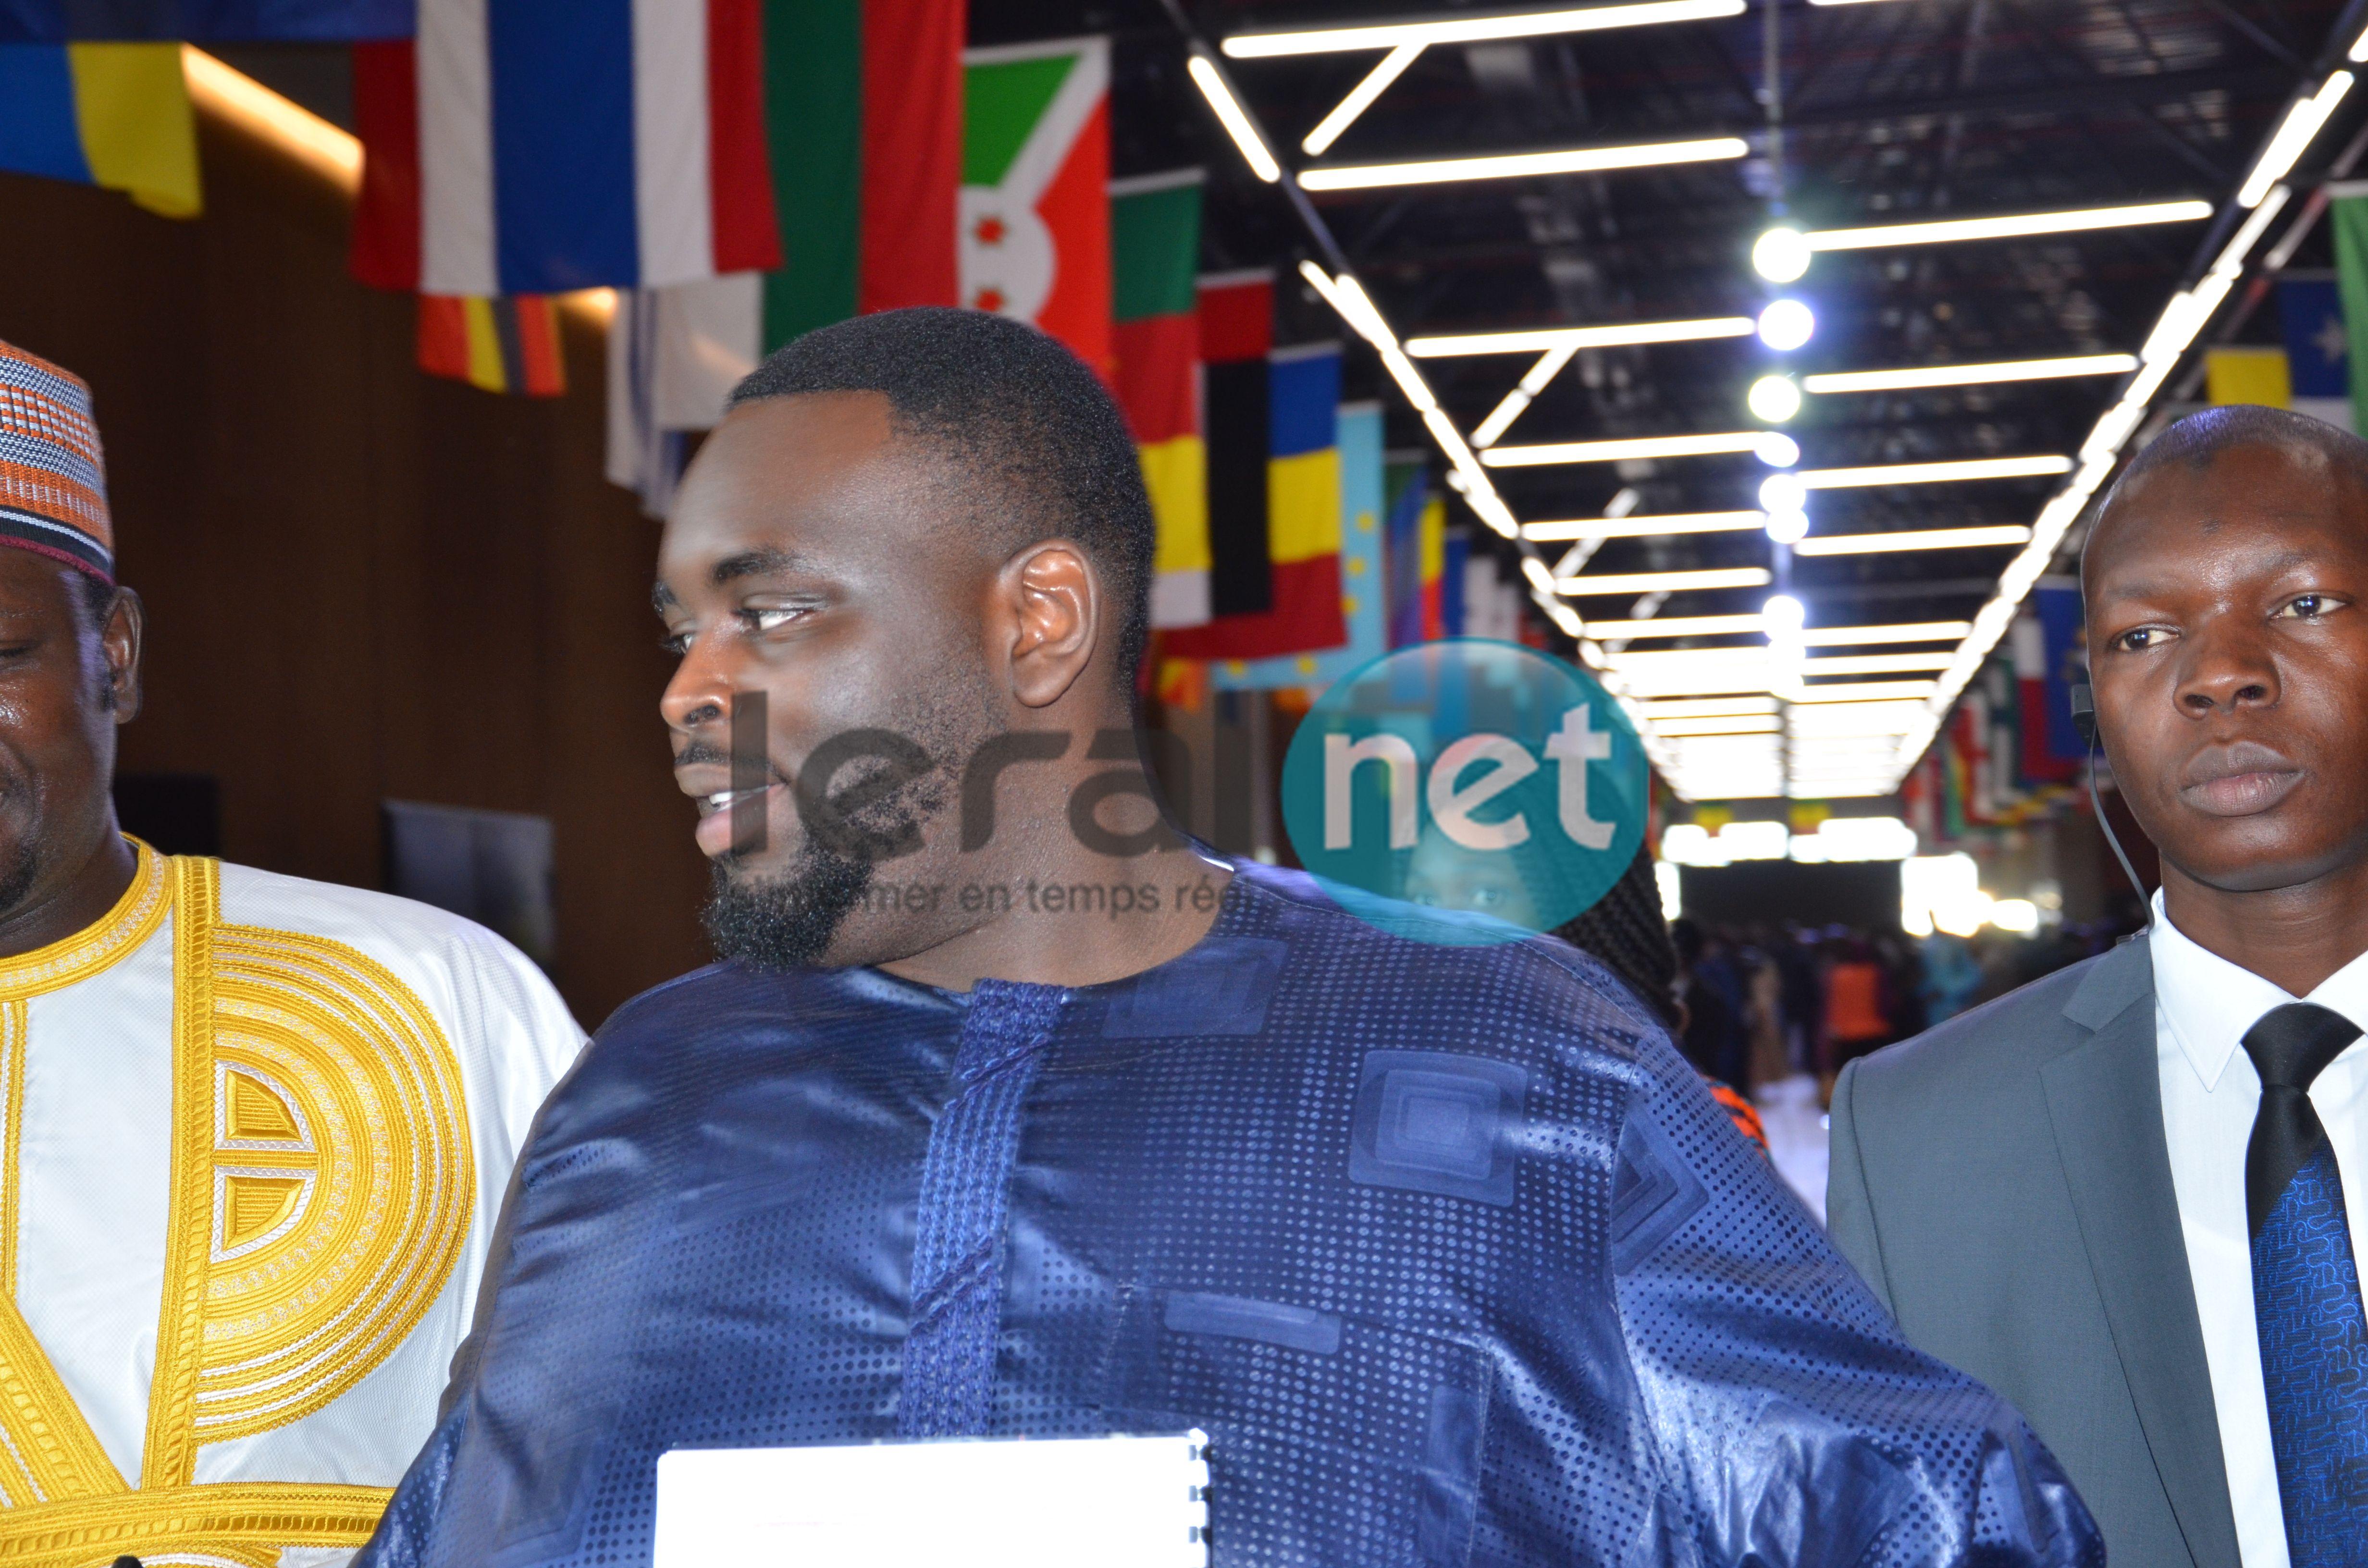 PHOTOS - Amadou Sall à la cérémonie d'investiture de son père à Diamniadio